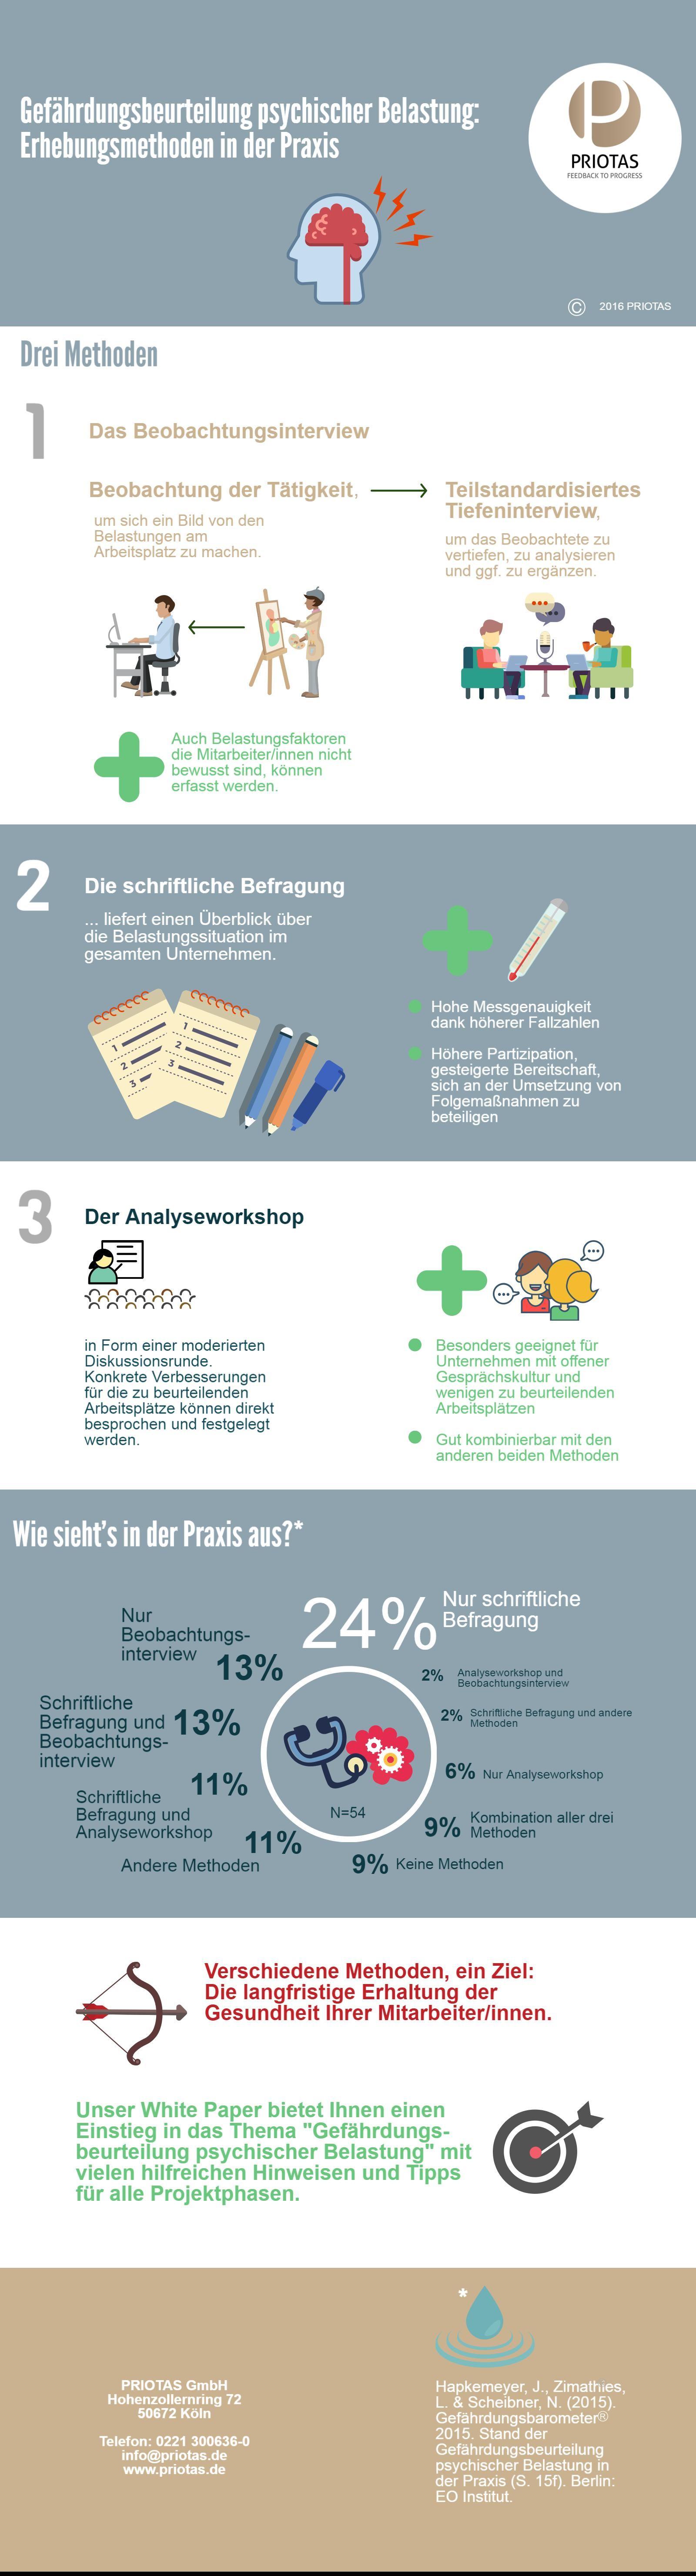 psychische Belastung, Gesundheit, Arbeitsplatz